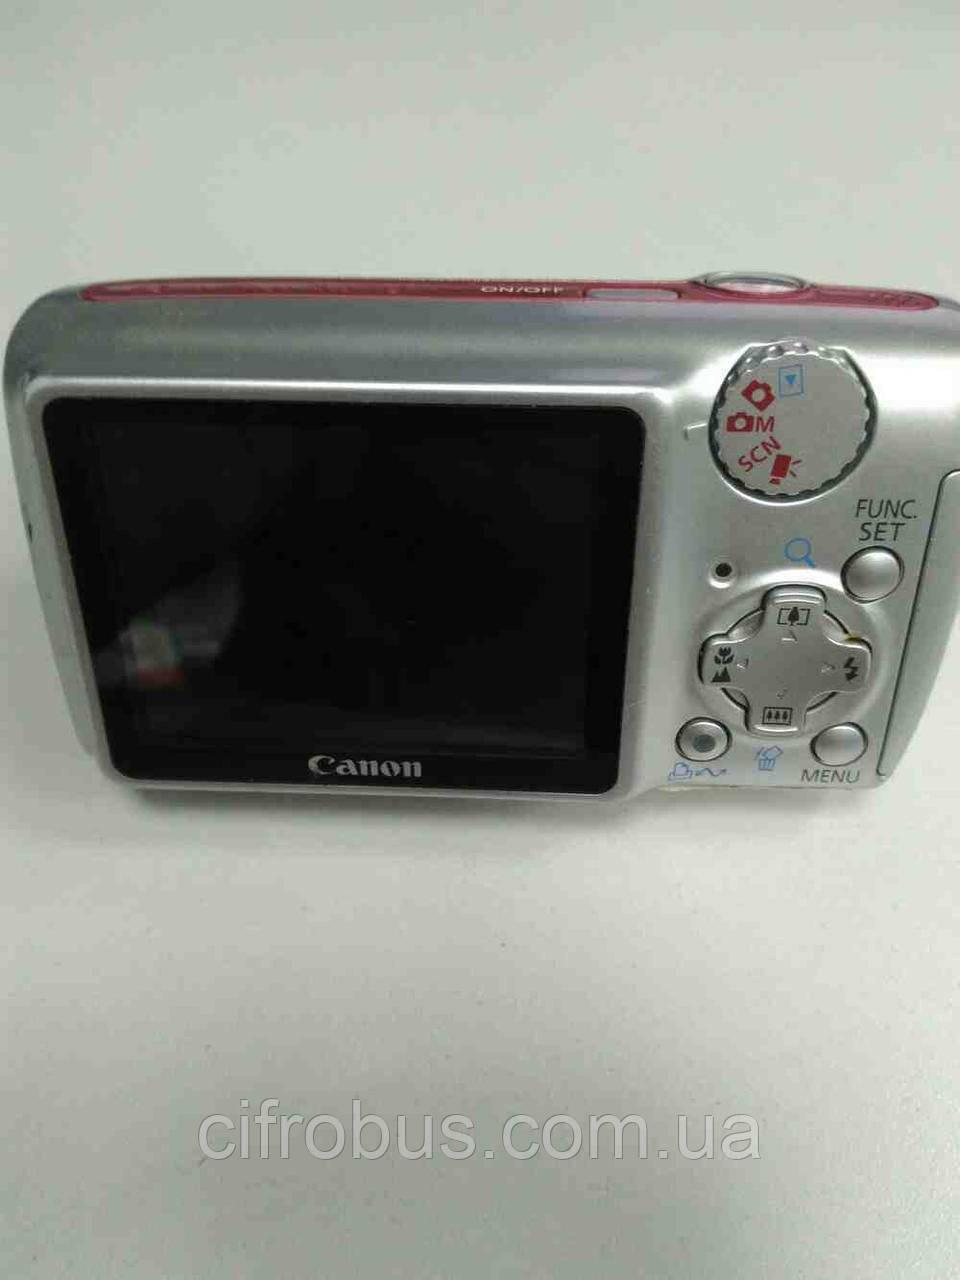 Б/У Canon PowerShot A470